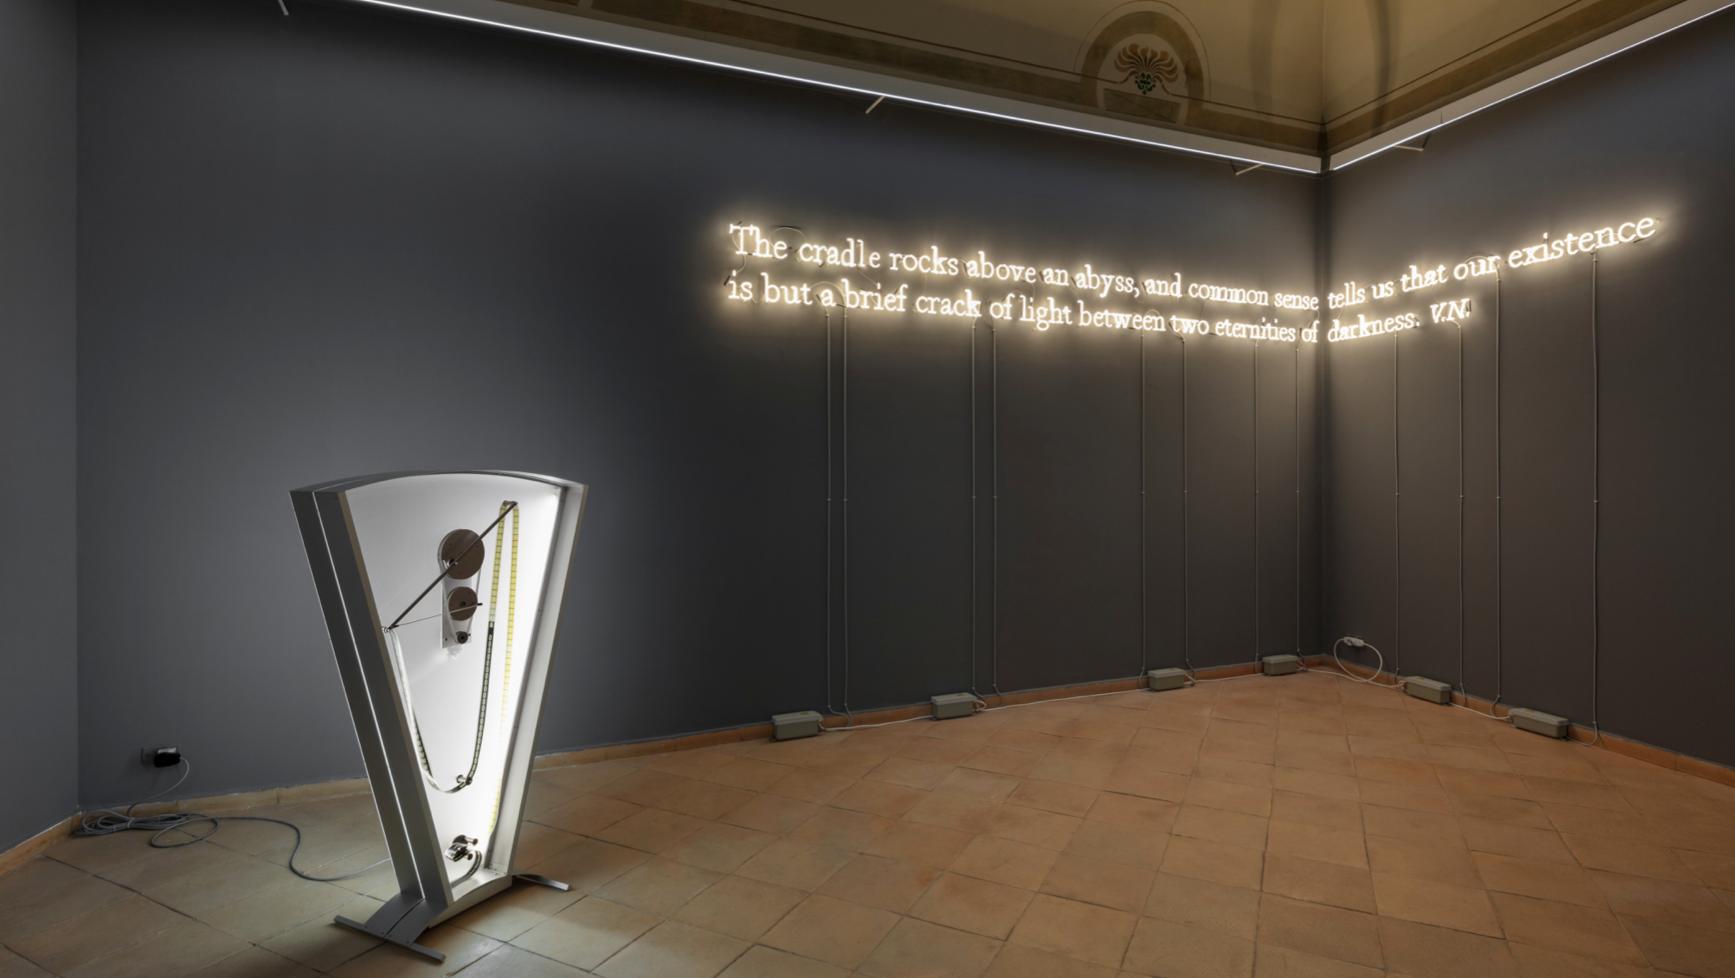 20 anni di Vistamare. A Pescara una mostra per celebrare la storia della galleria